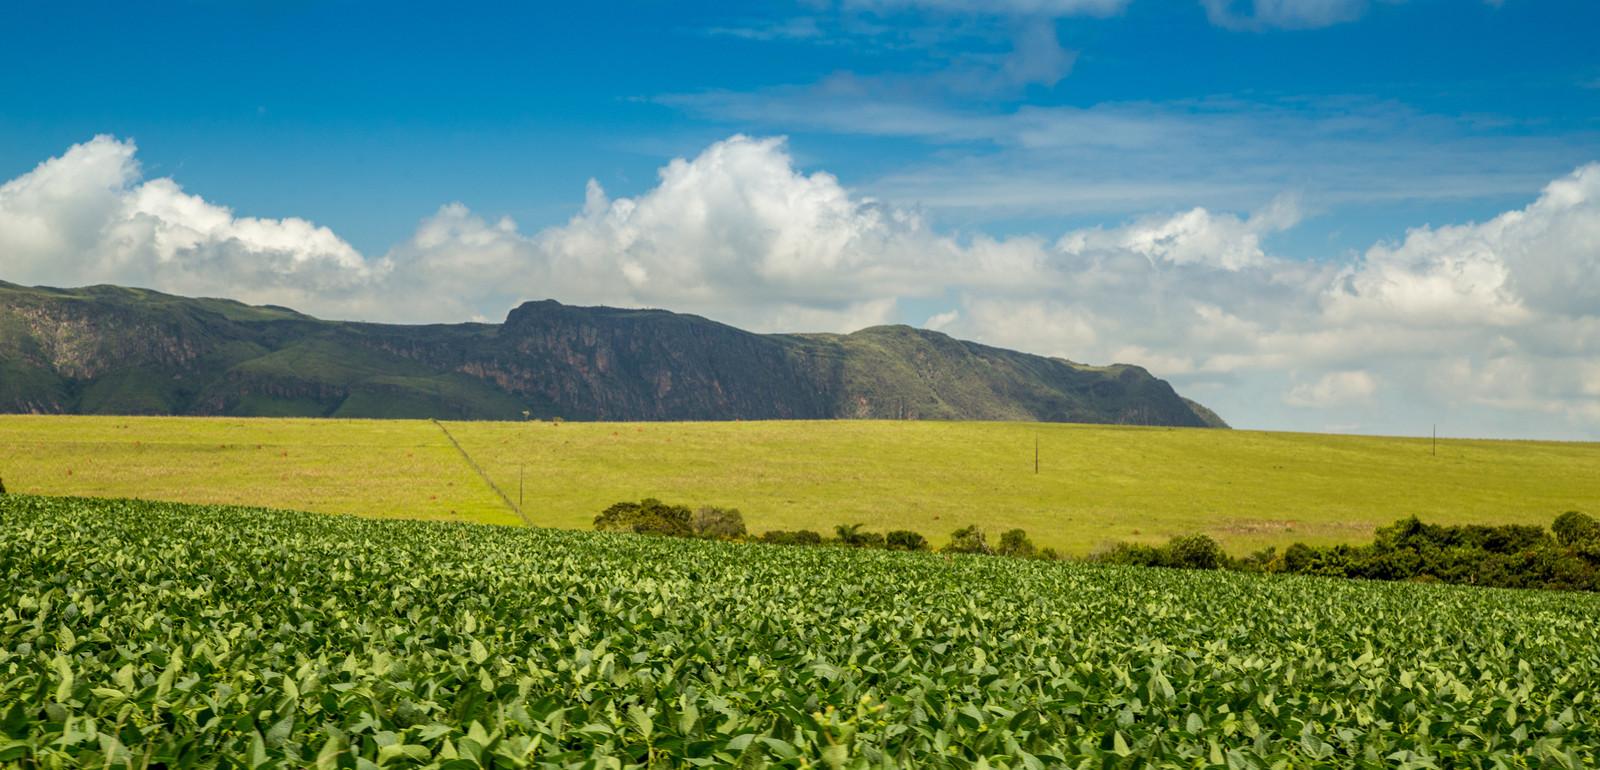 Une plantation de soja au Brésil. Environ 75% de la production de soja est destinée à l'alimentation animale.